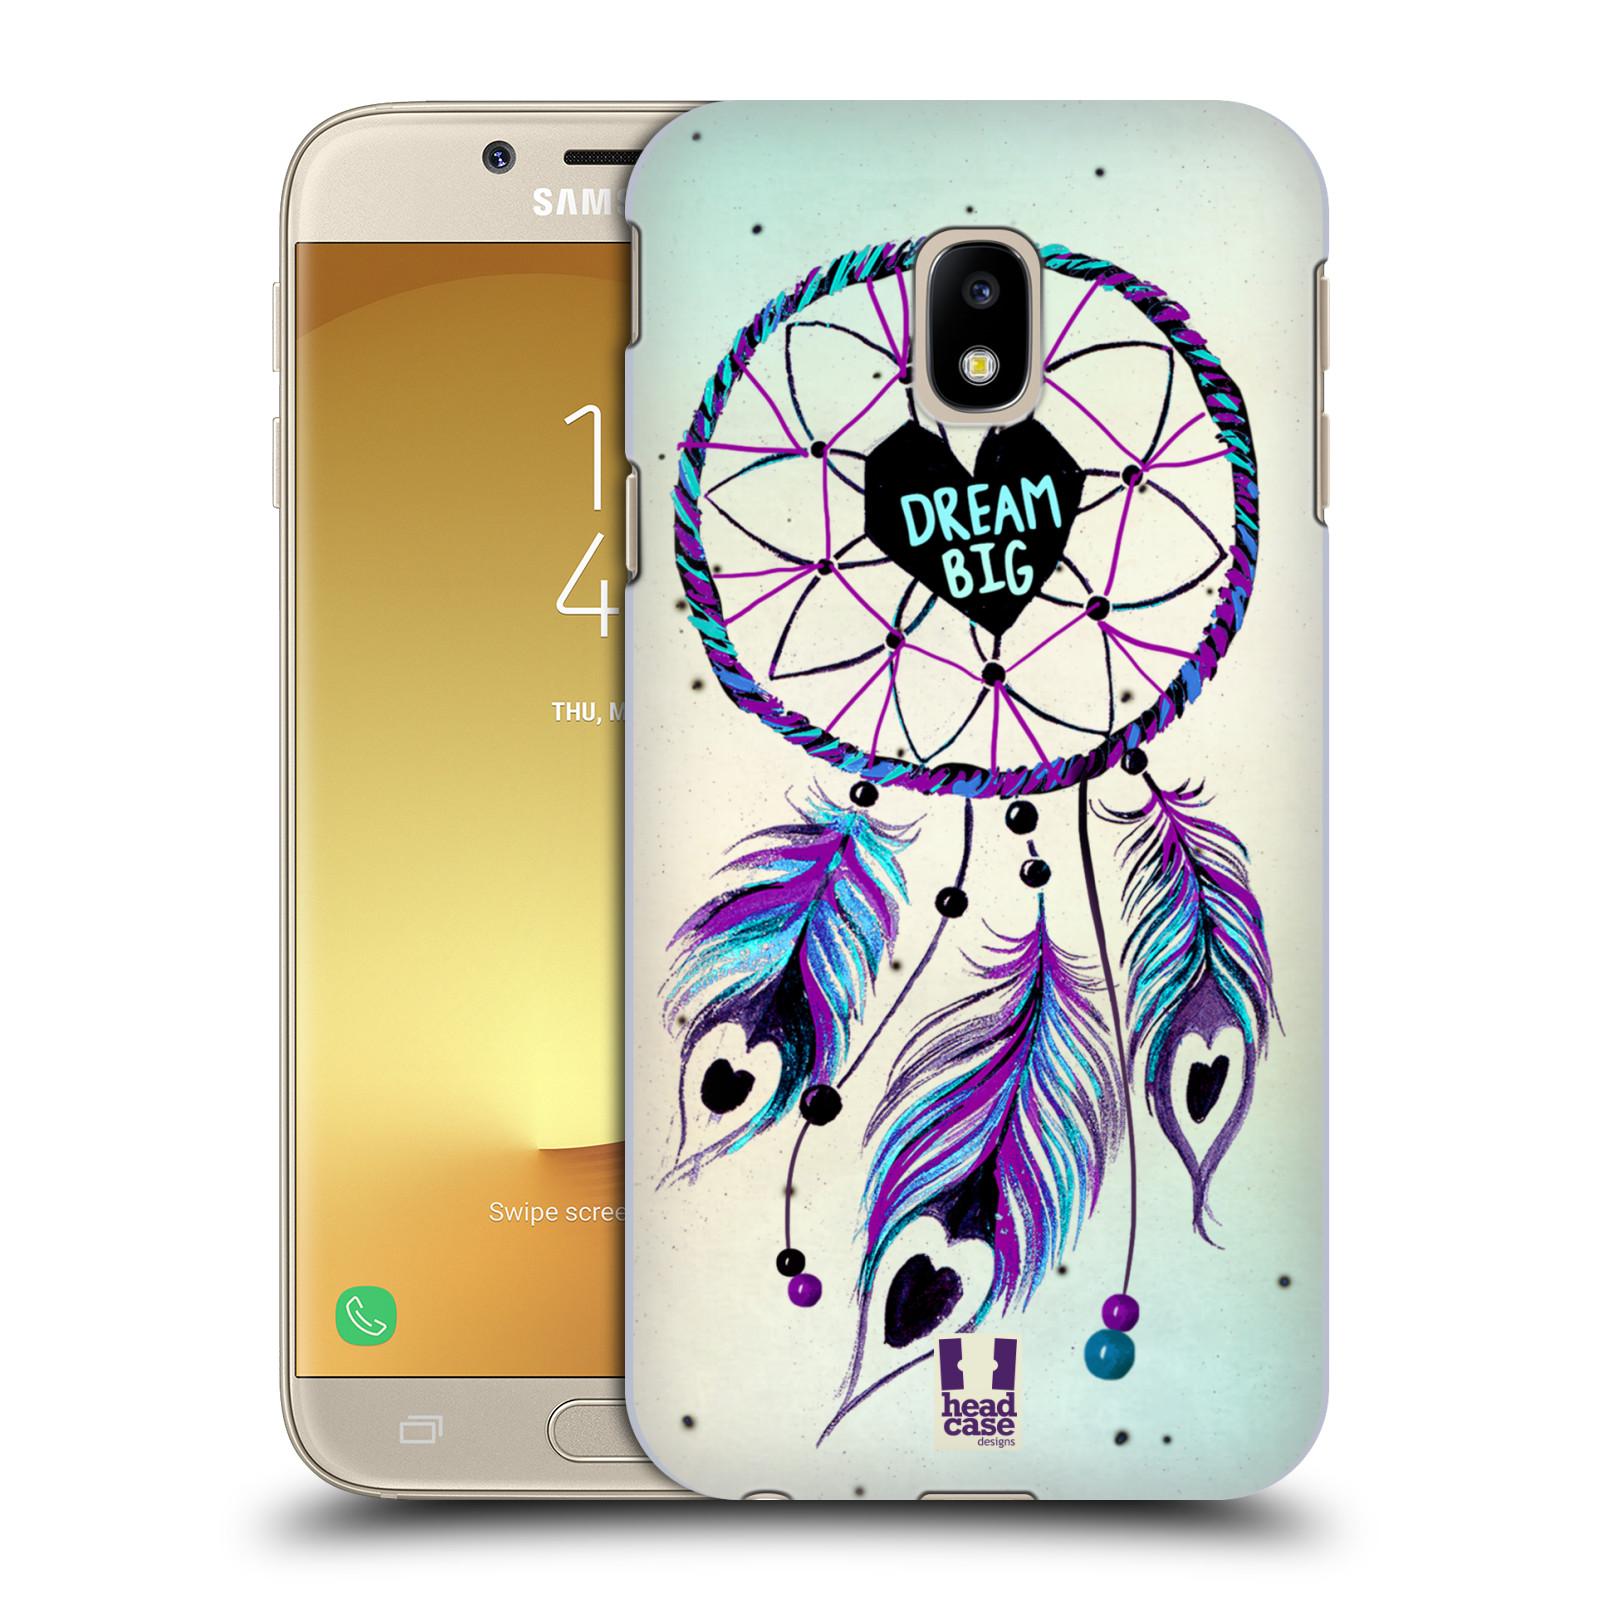 Plastové pouzdro na mobil Samsung Galaxy J3 (2017) - Head Case - Lapač Assorted Dream Big Srdce